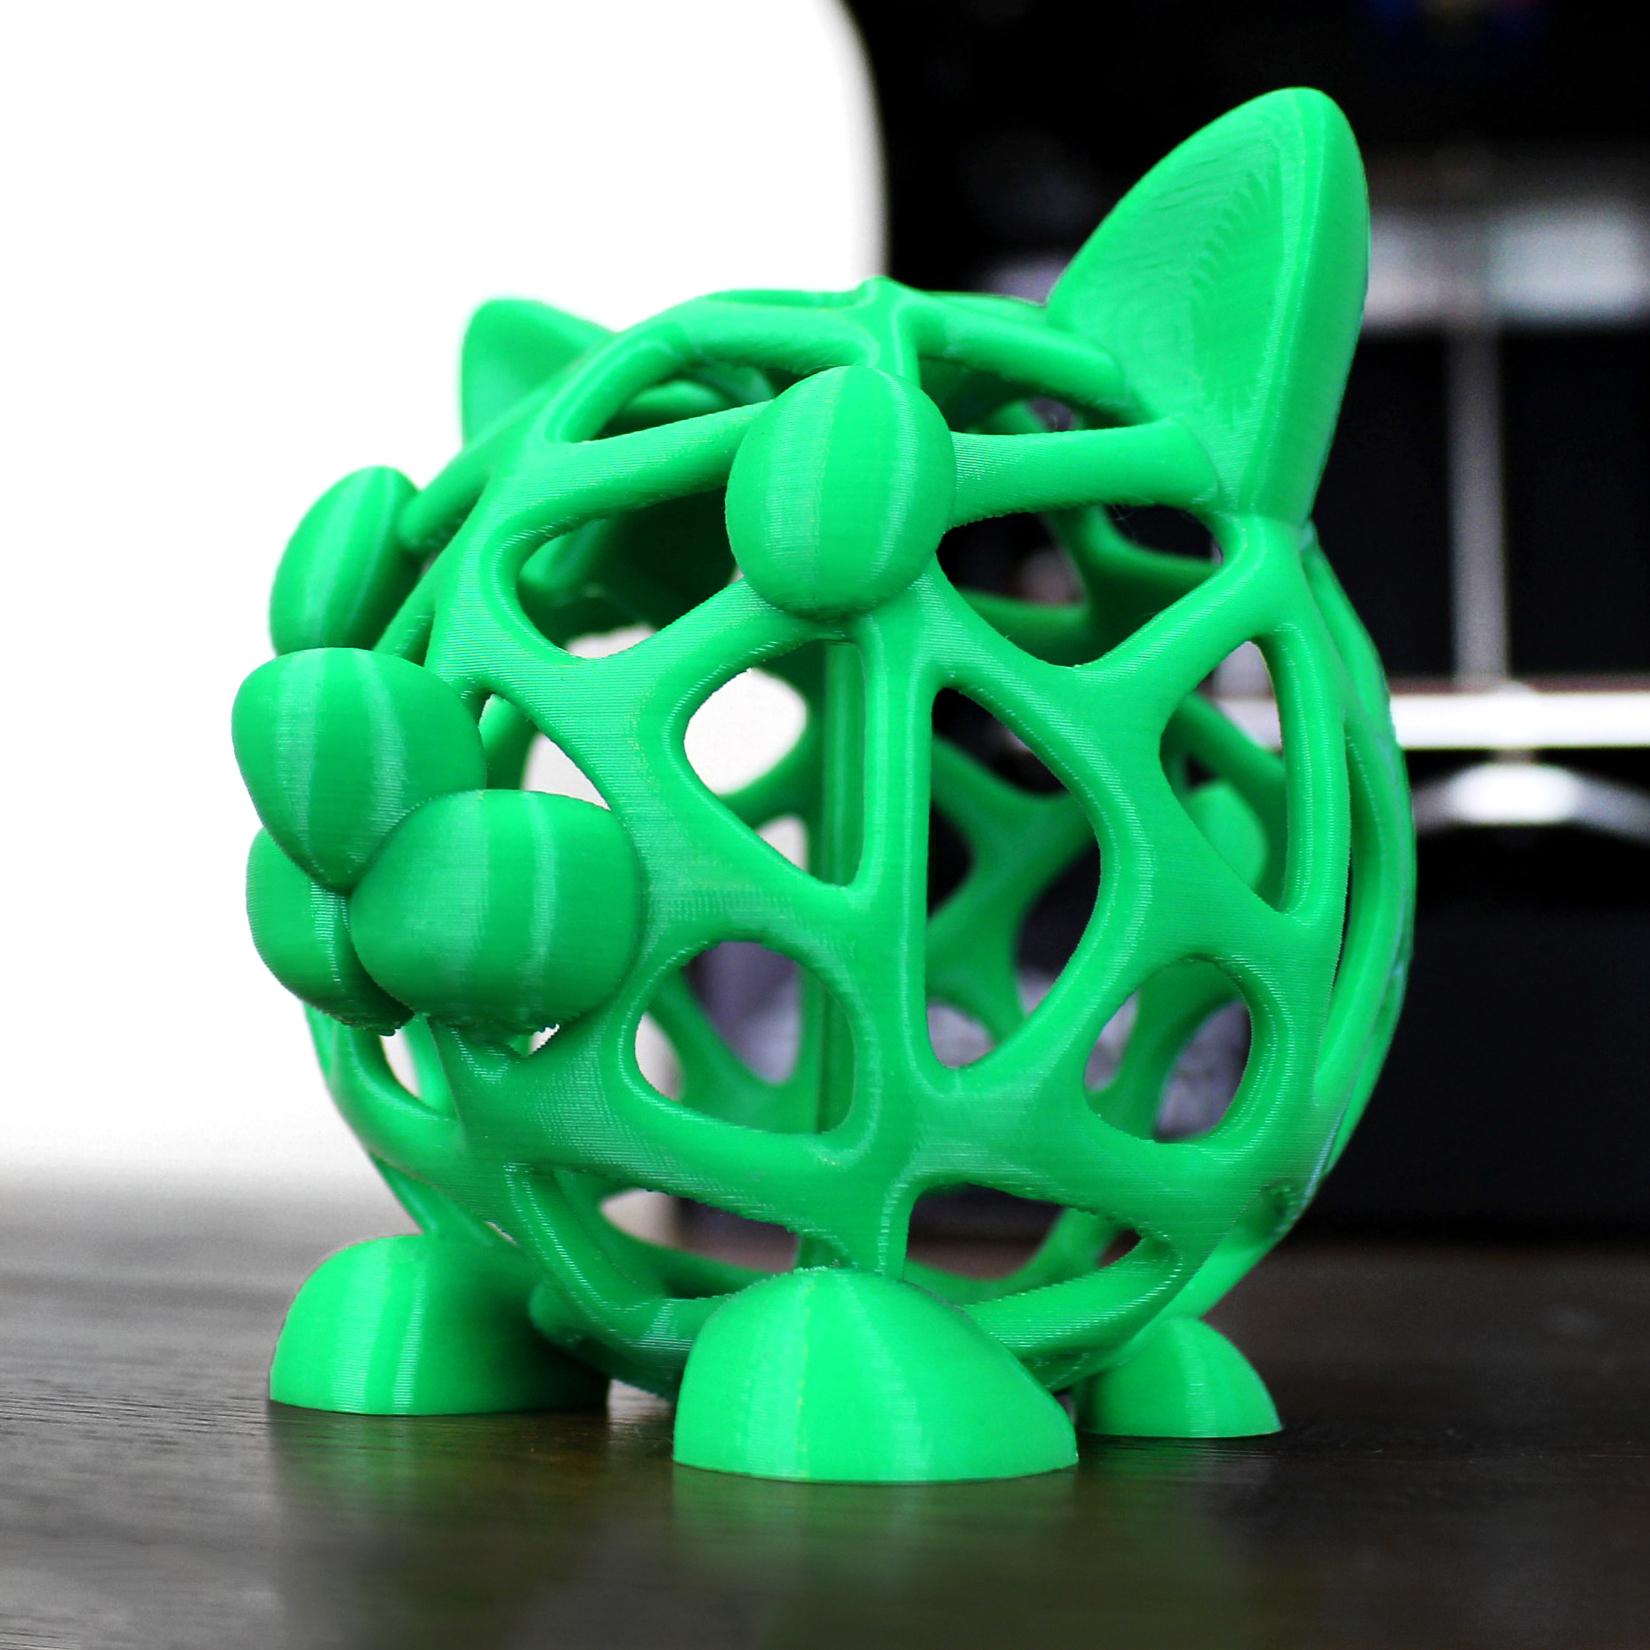 Lepton2 デュアル 3Dプリンター 新ツールスイッチシステム搭載 - 画像2